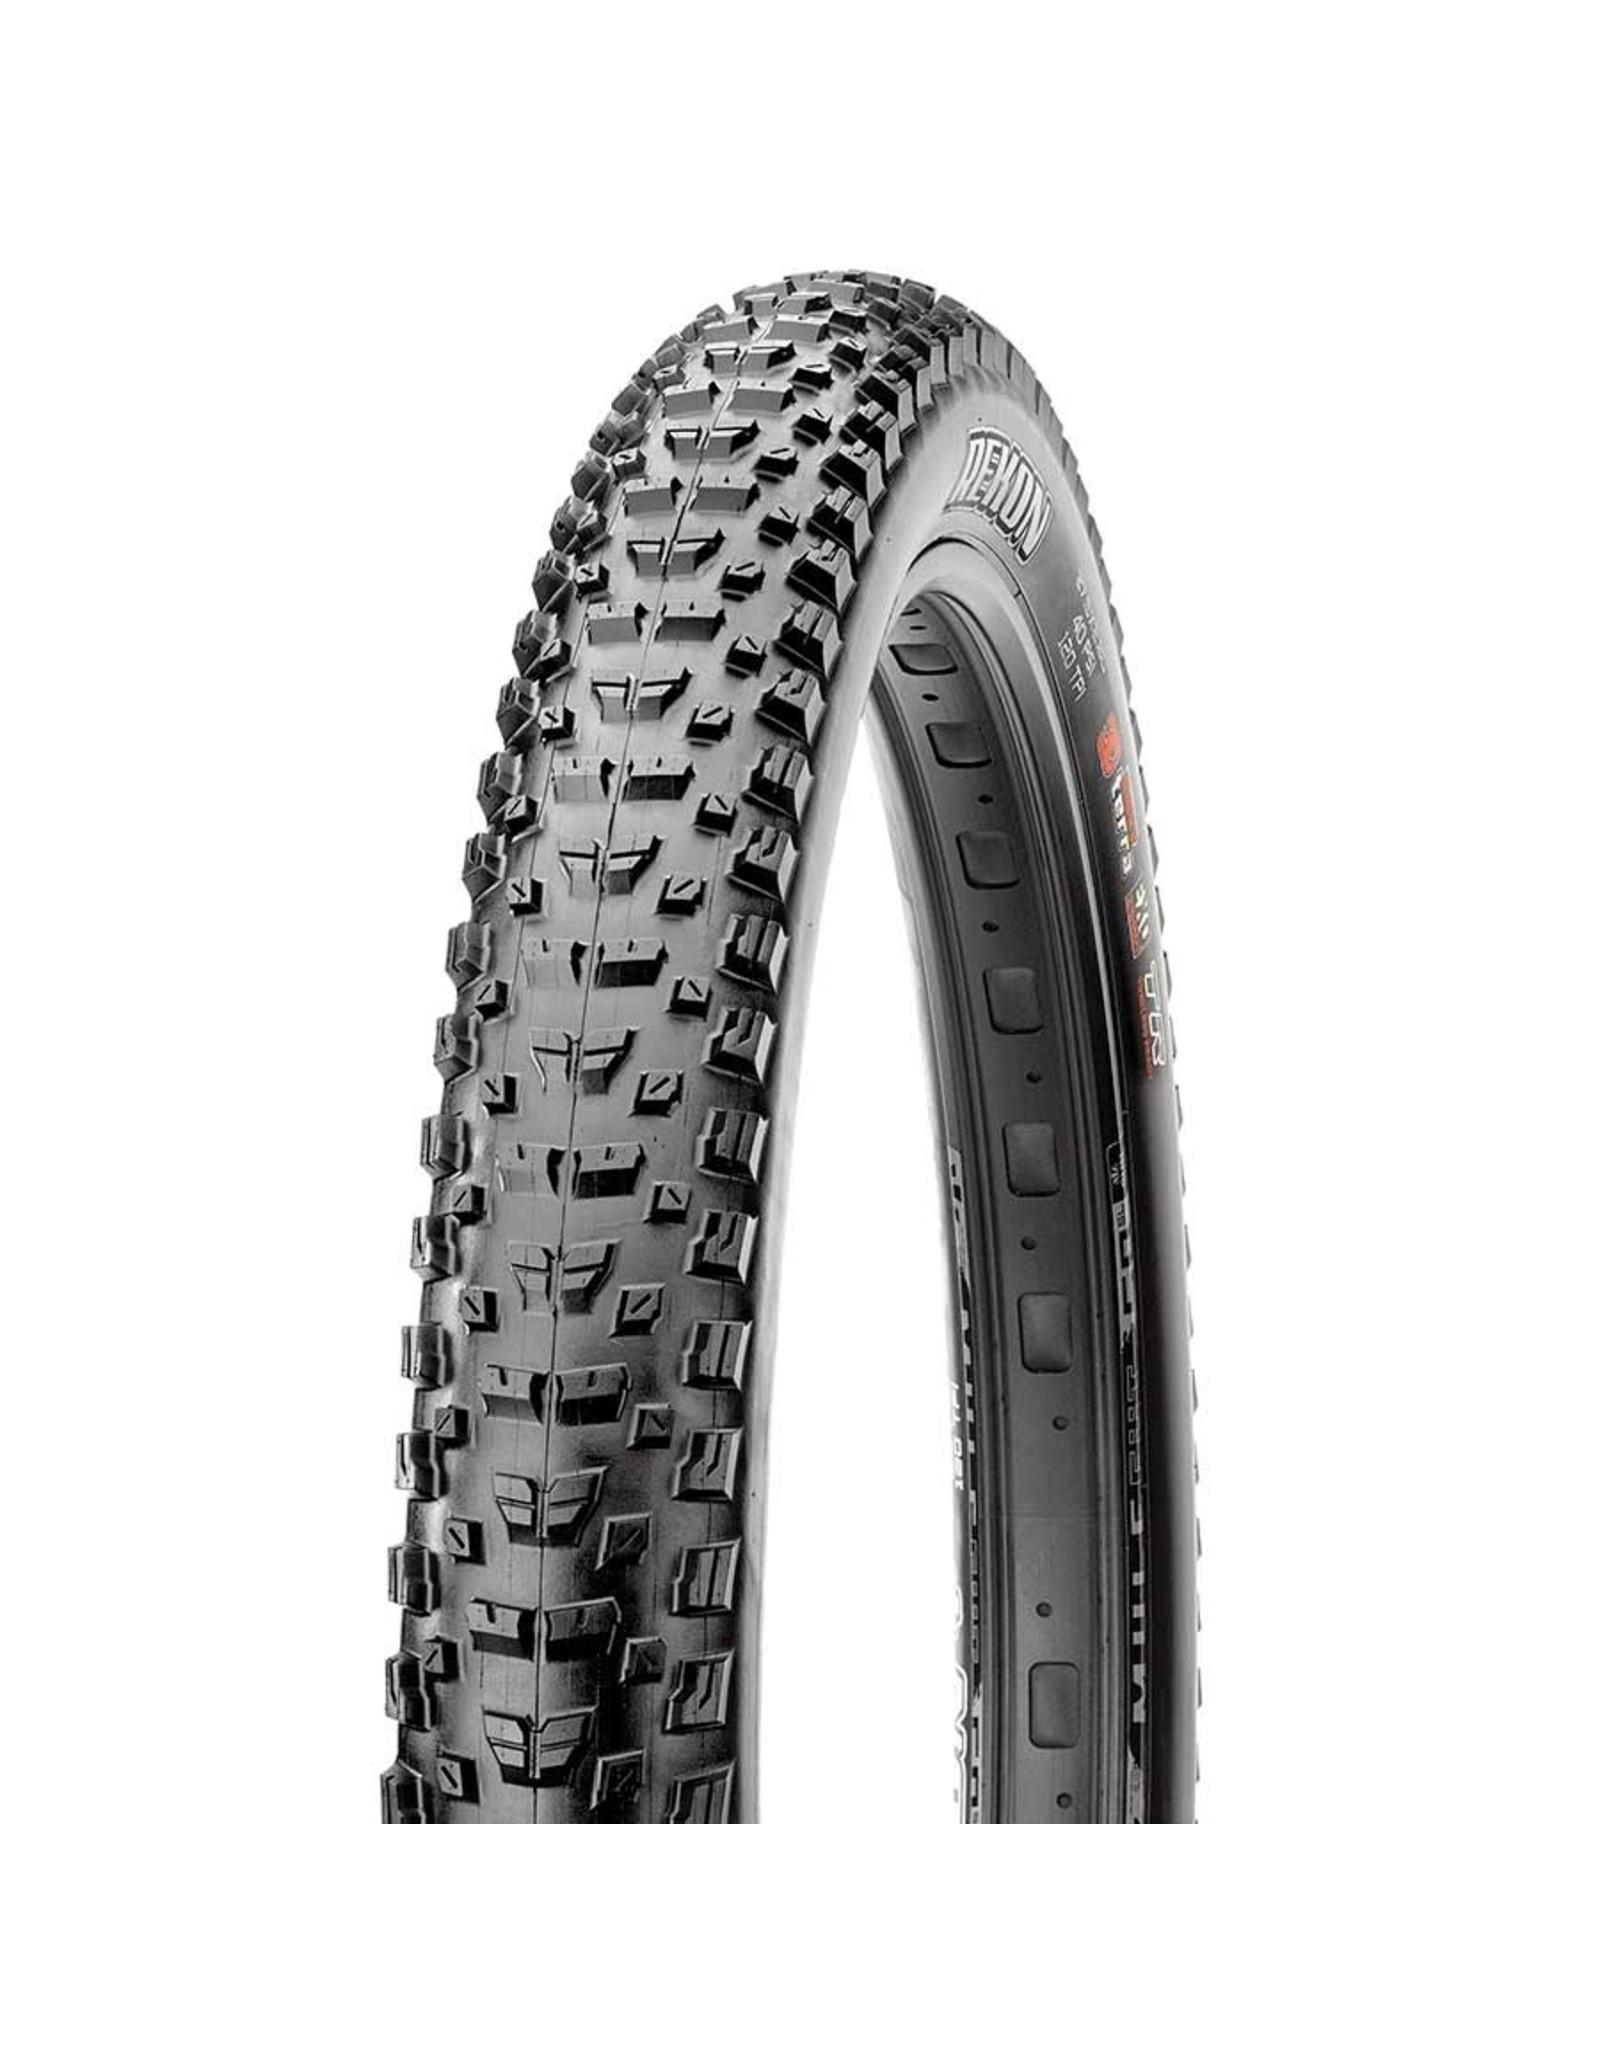 Maxxis, Rekon, Tire, 29''x2.60, Folding, Tubeless Ready, 3C Maxx Terra, EXO+, 120TPI, Black